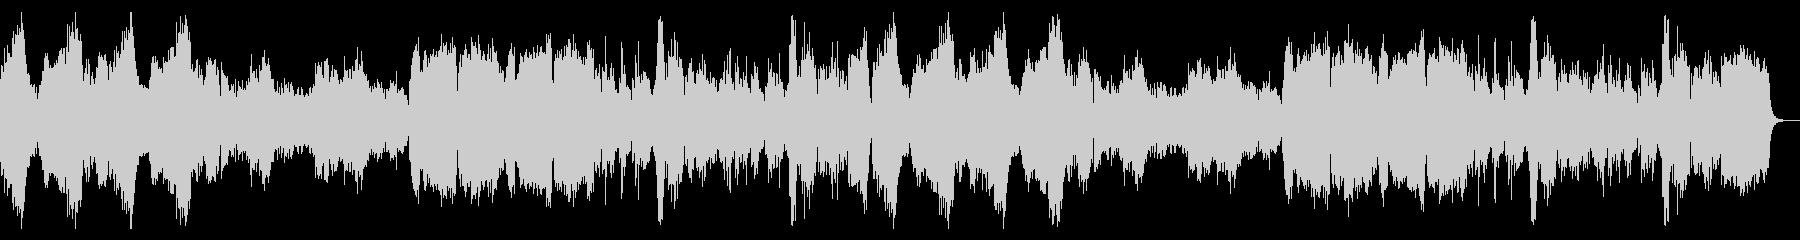 重厚でリッチなハロウィン曲の未再生の波形